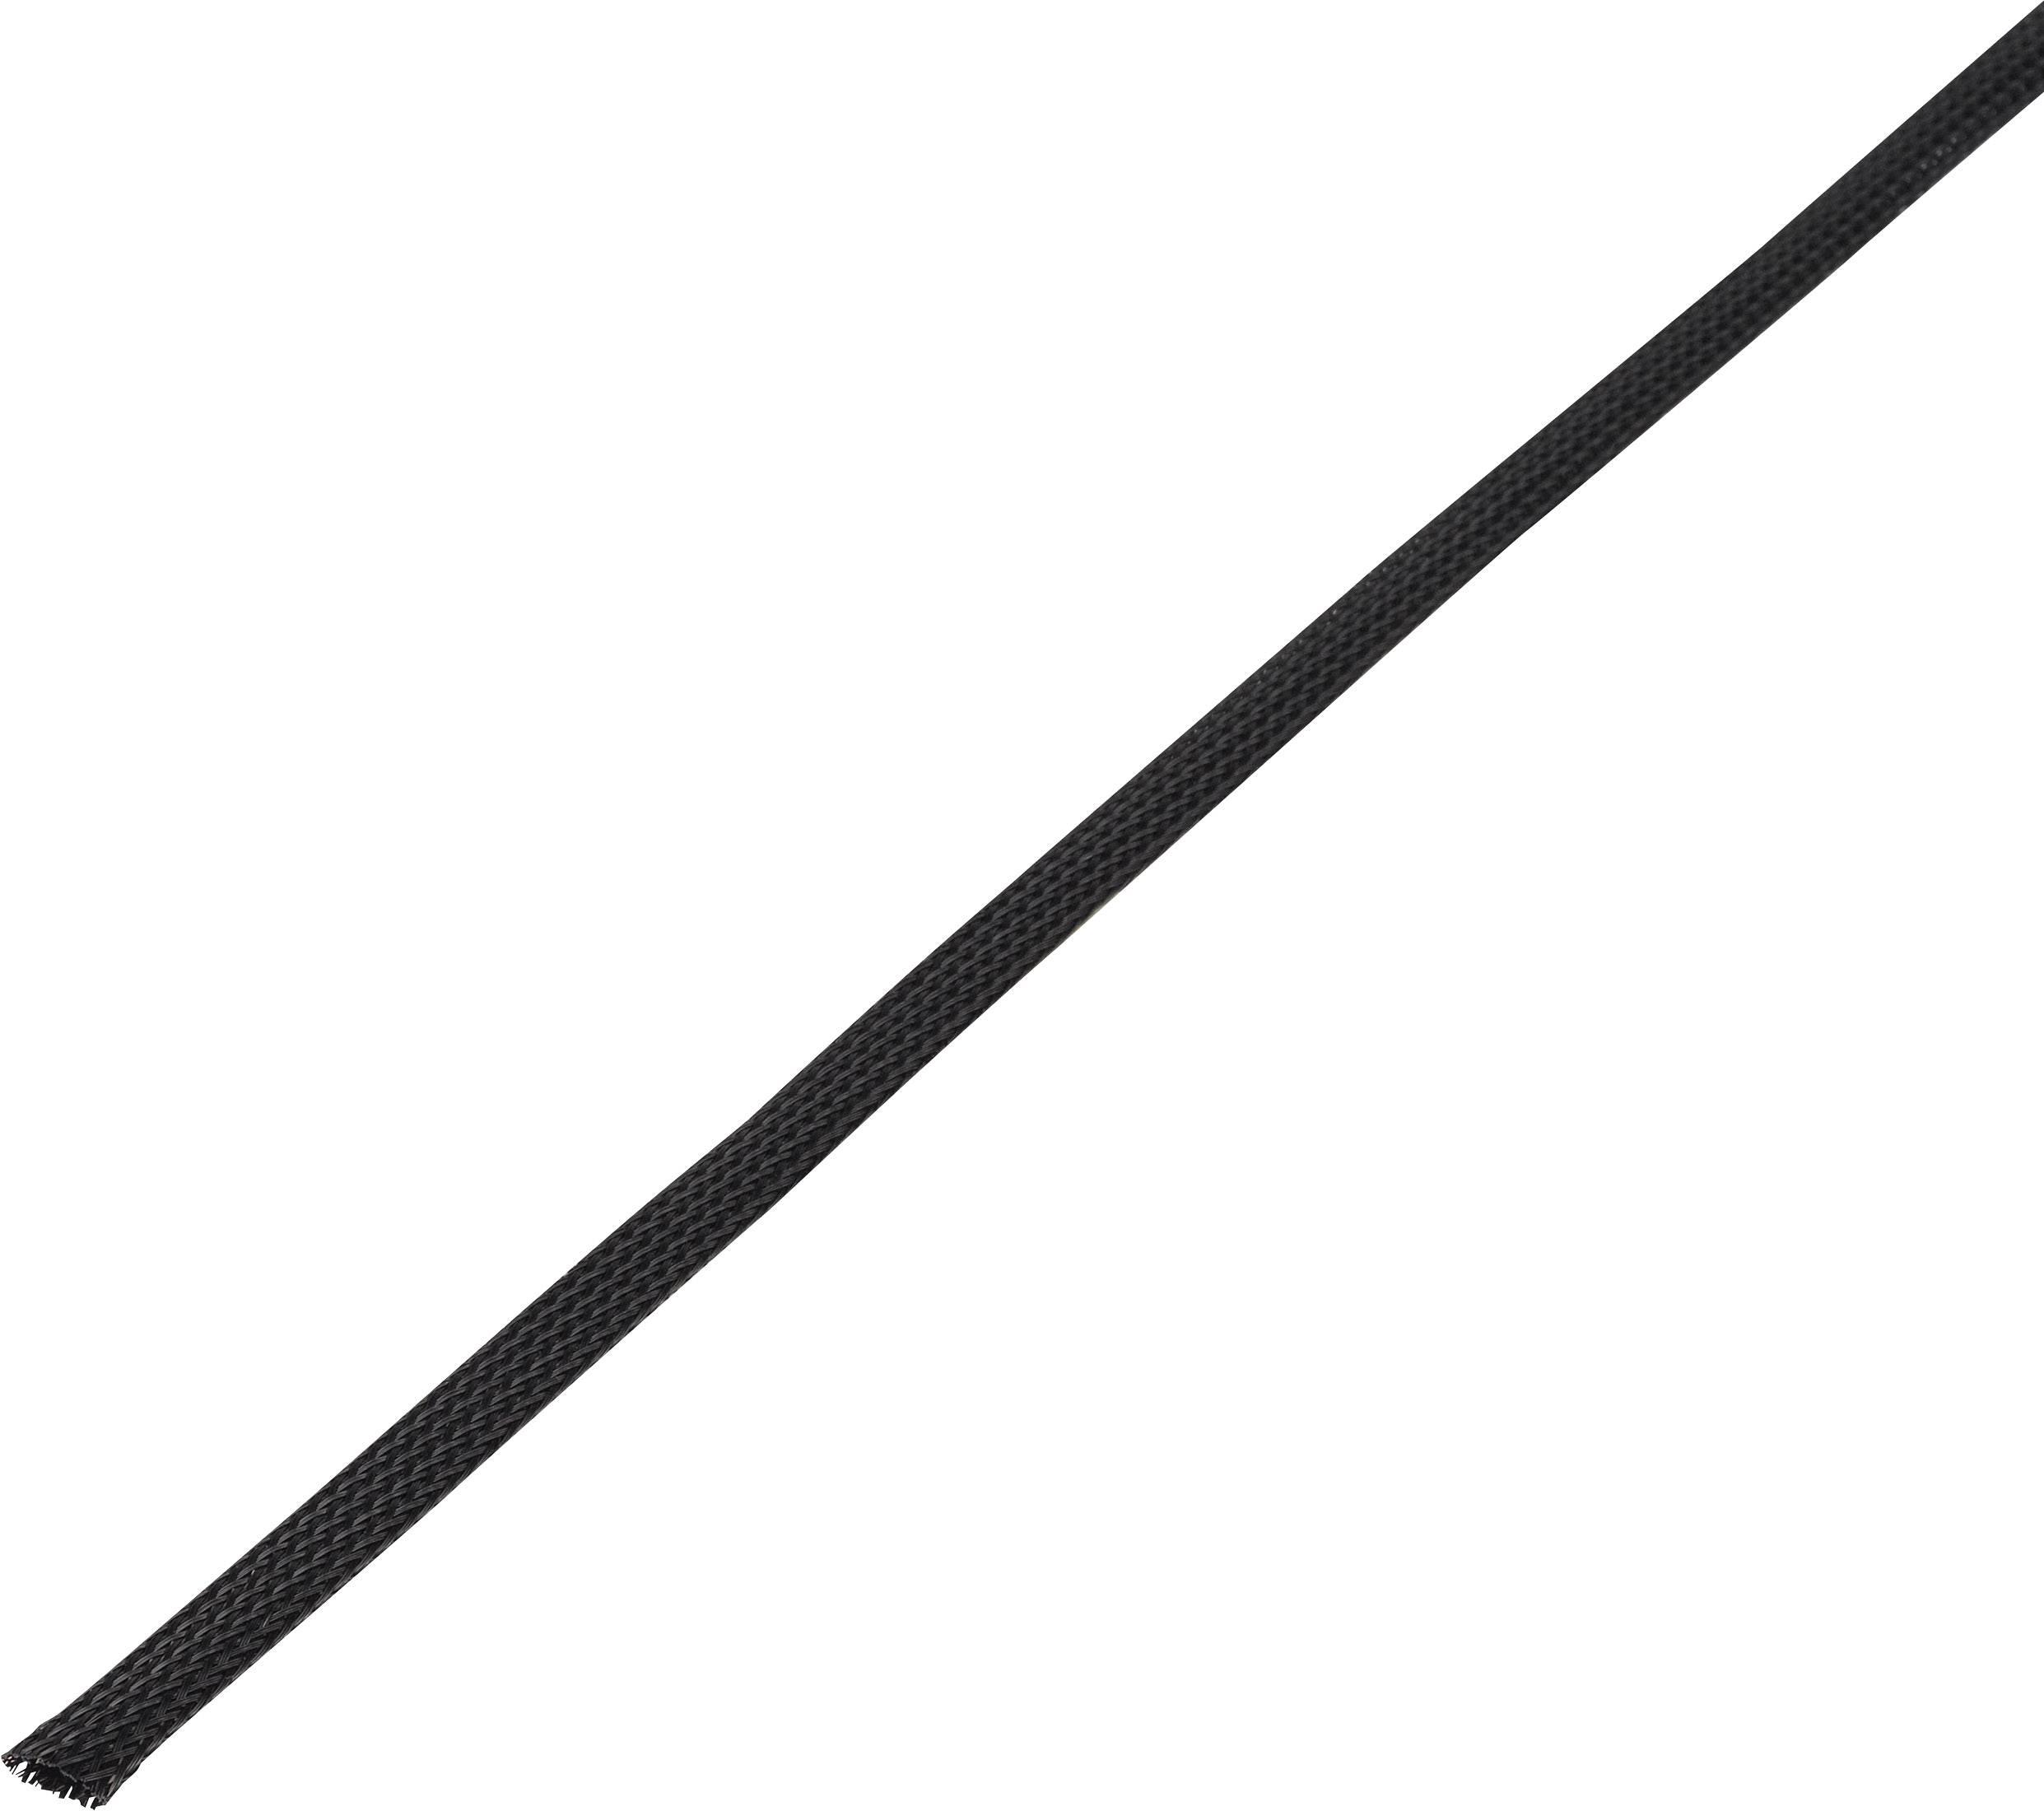 Ochranné opletenie CBBOX0612-BK Ø zväzku: 6 - 12 mm čierna 10 m